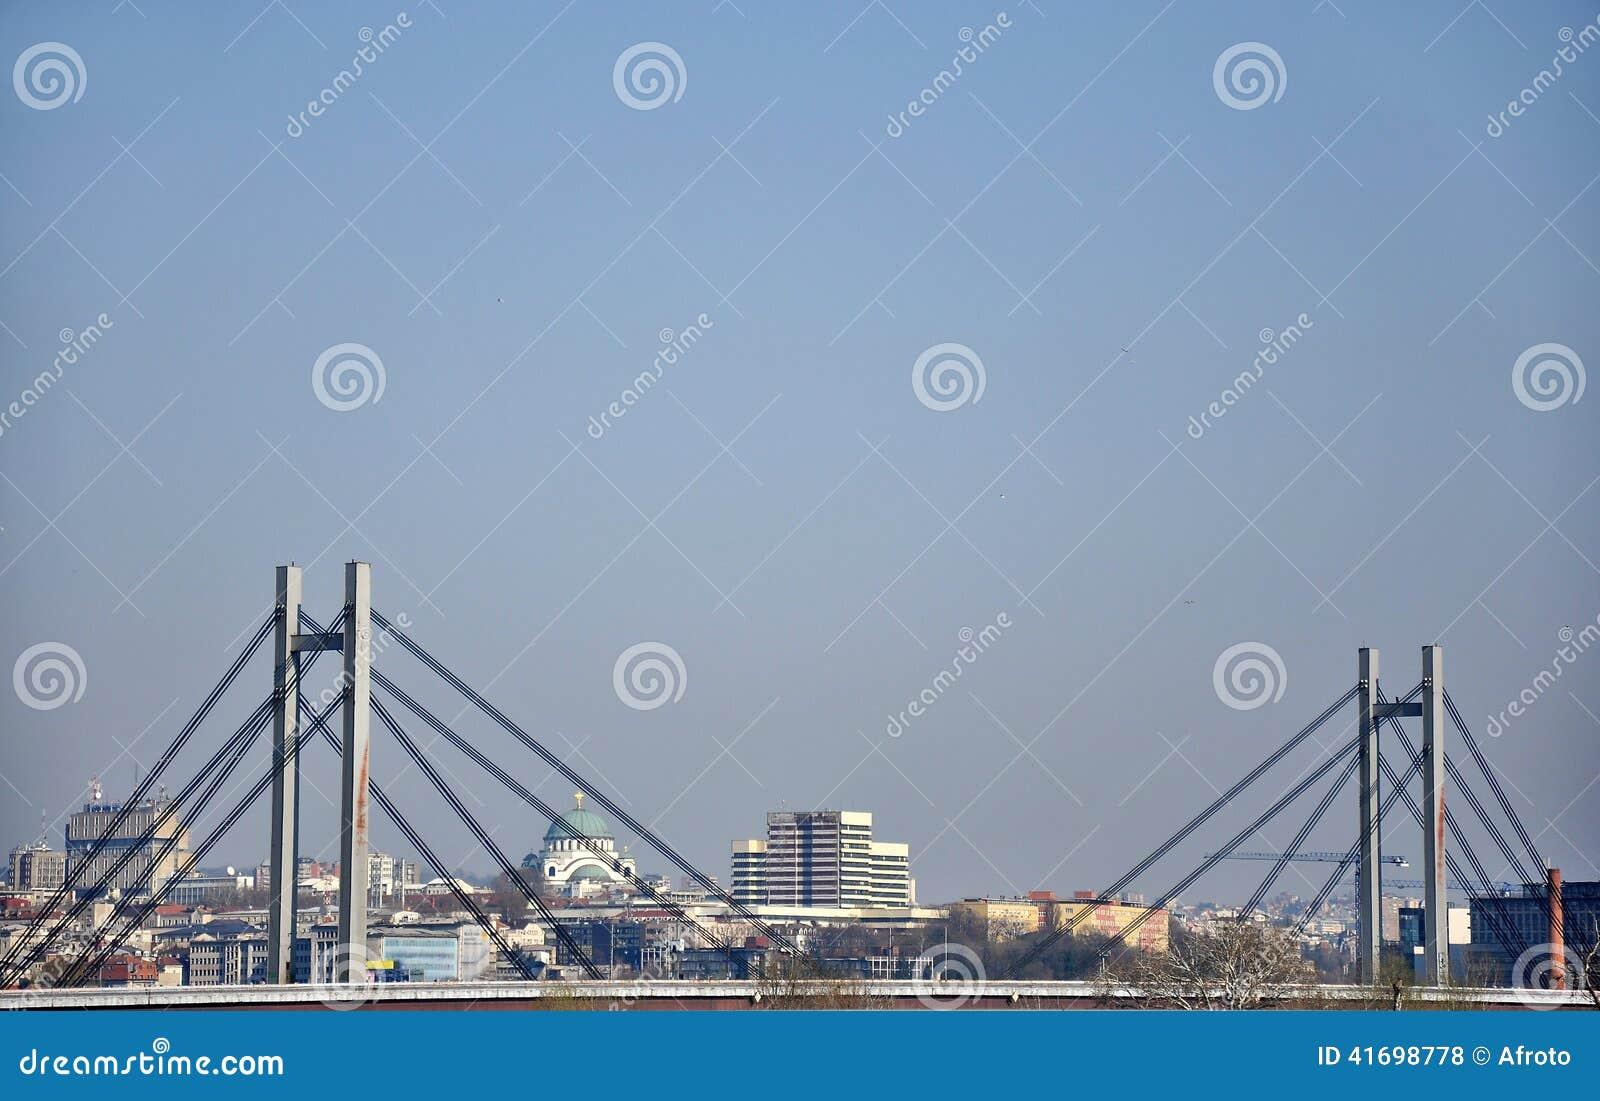 Ponte na cidade grande de Belgrado